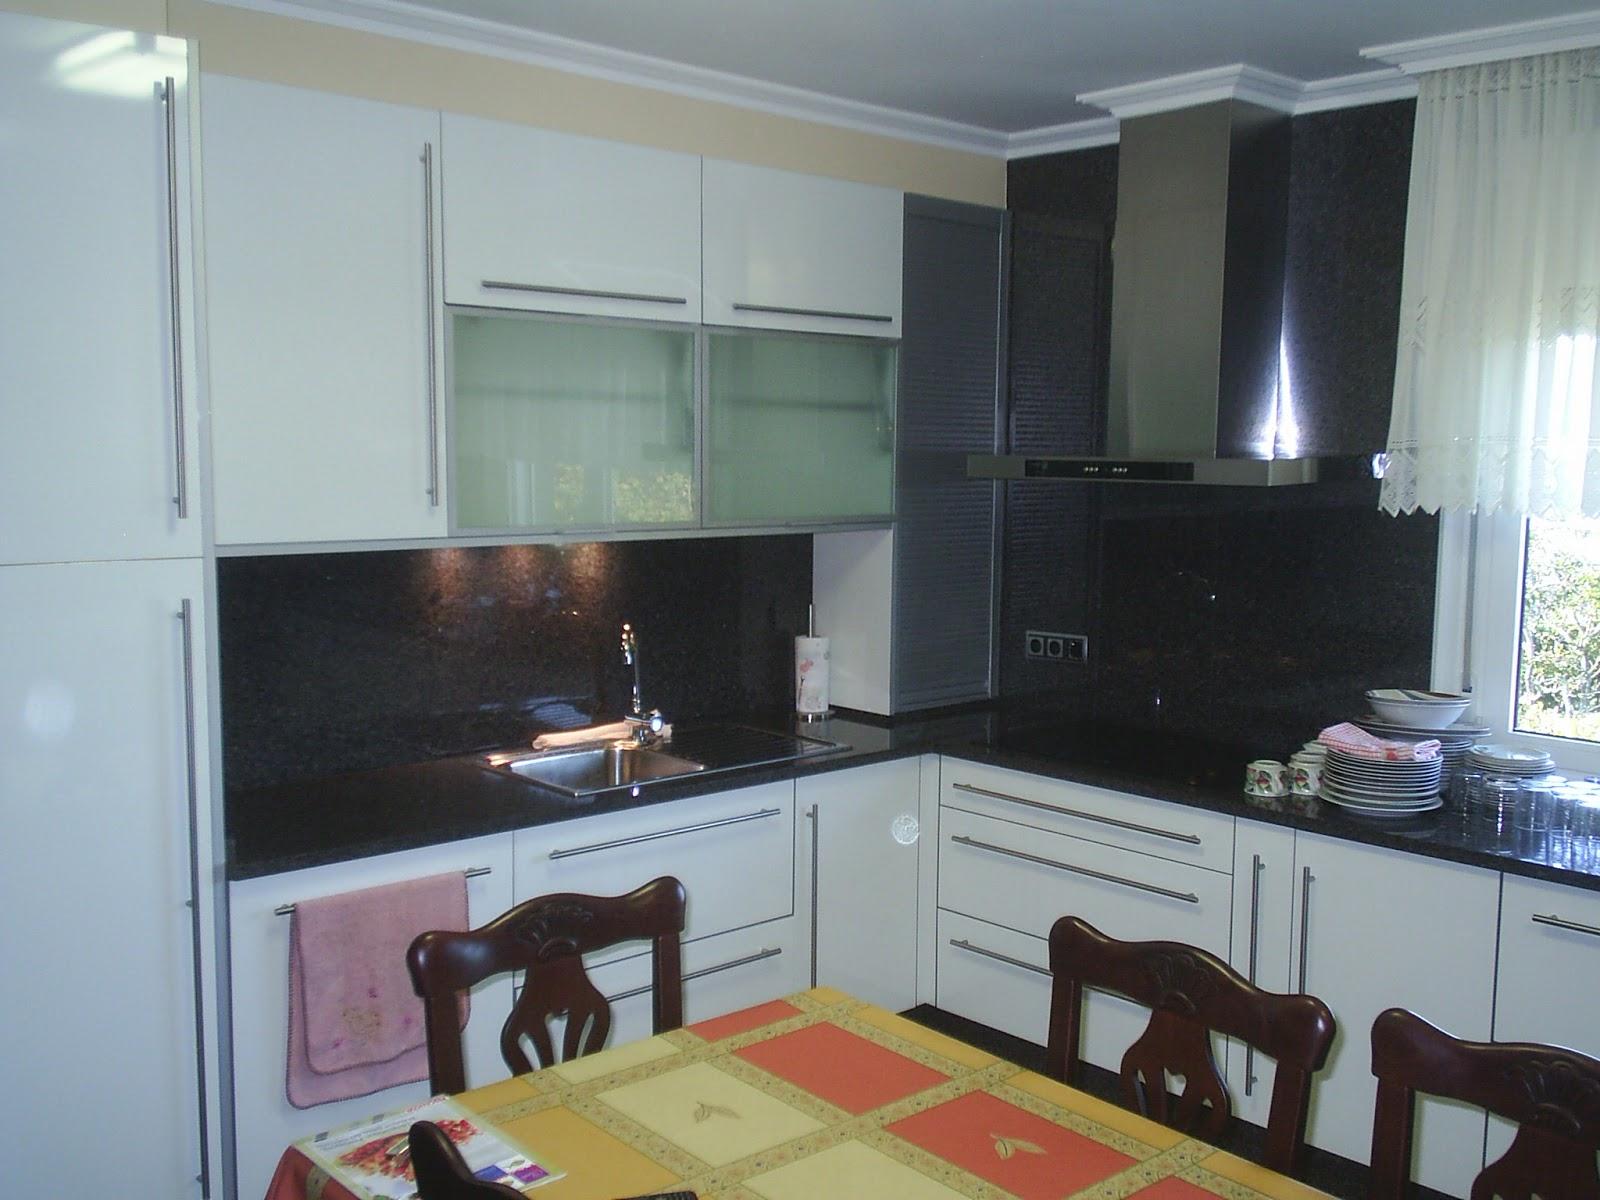 Sansu cocinas y carpinteria cocina con puerta blanca for Encimera negra brillo